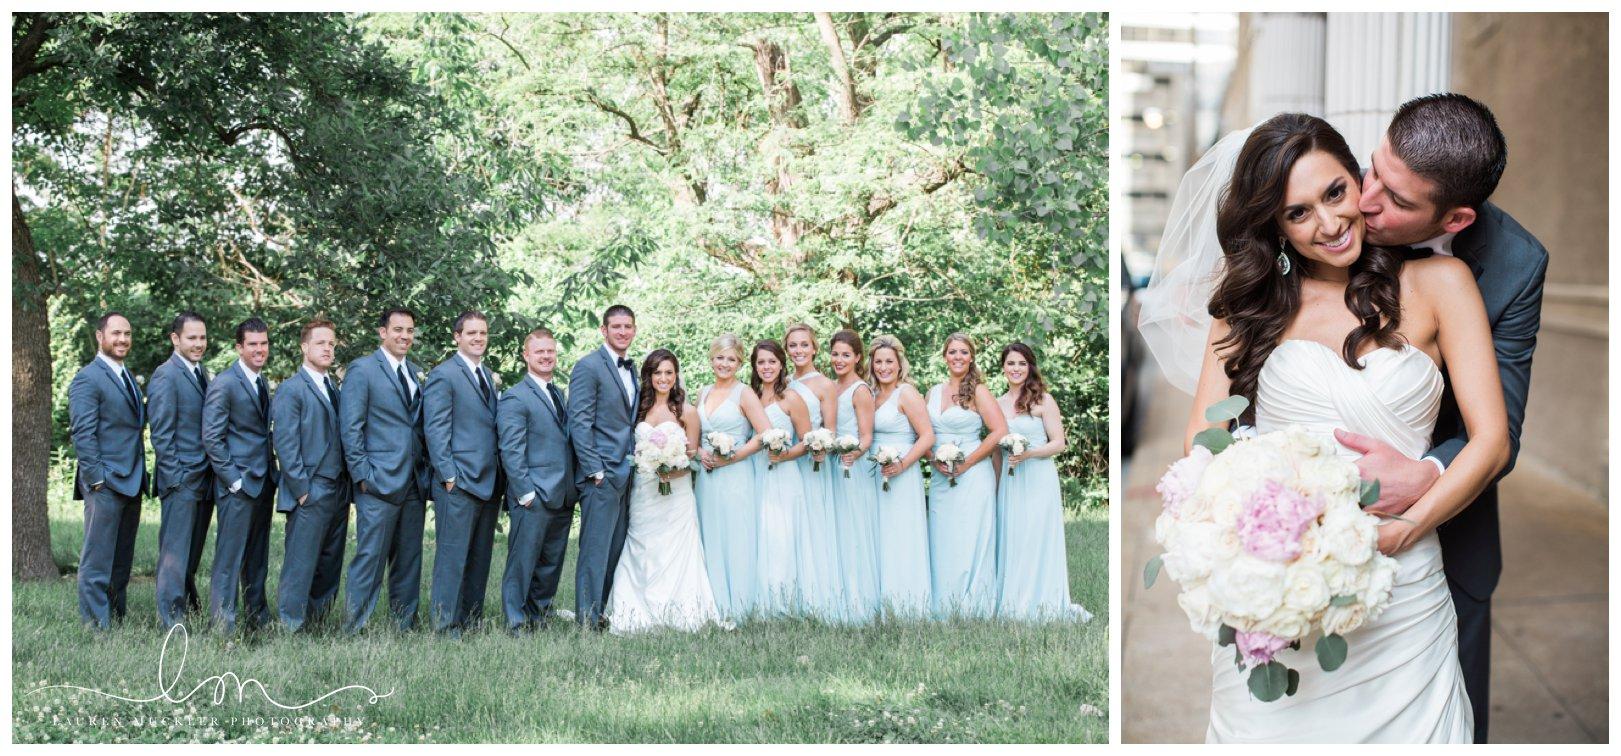 lauren muckler photography_fine art film wedding photography_st louis_photography_0266.jpg